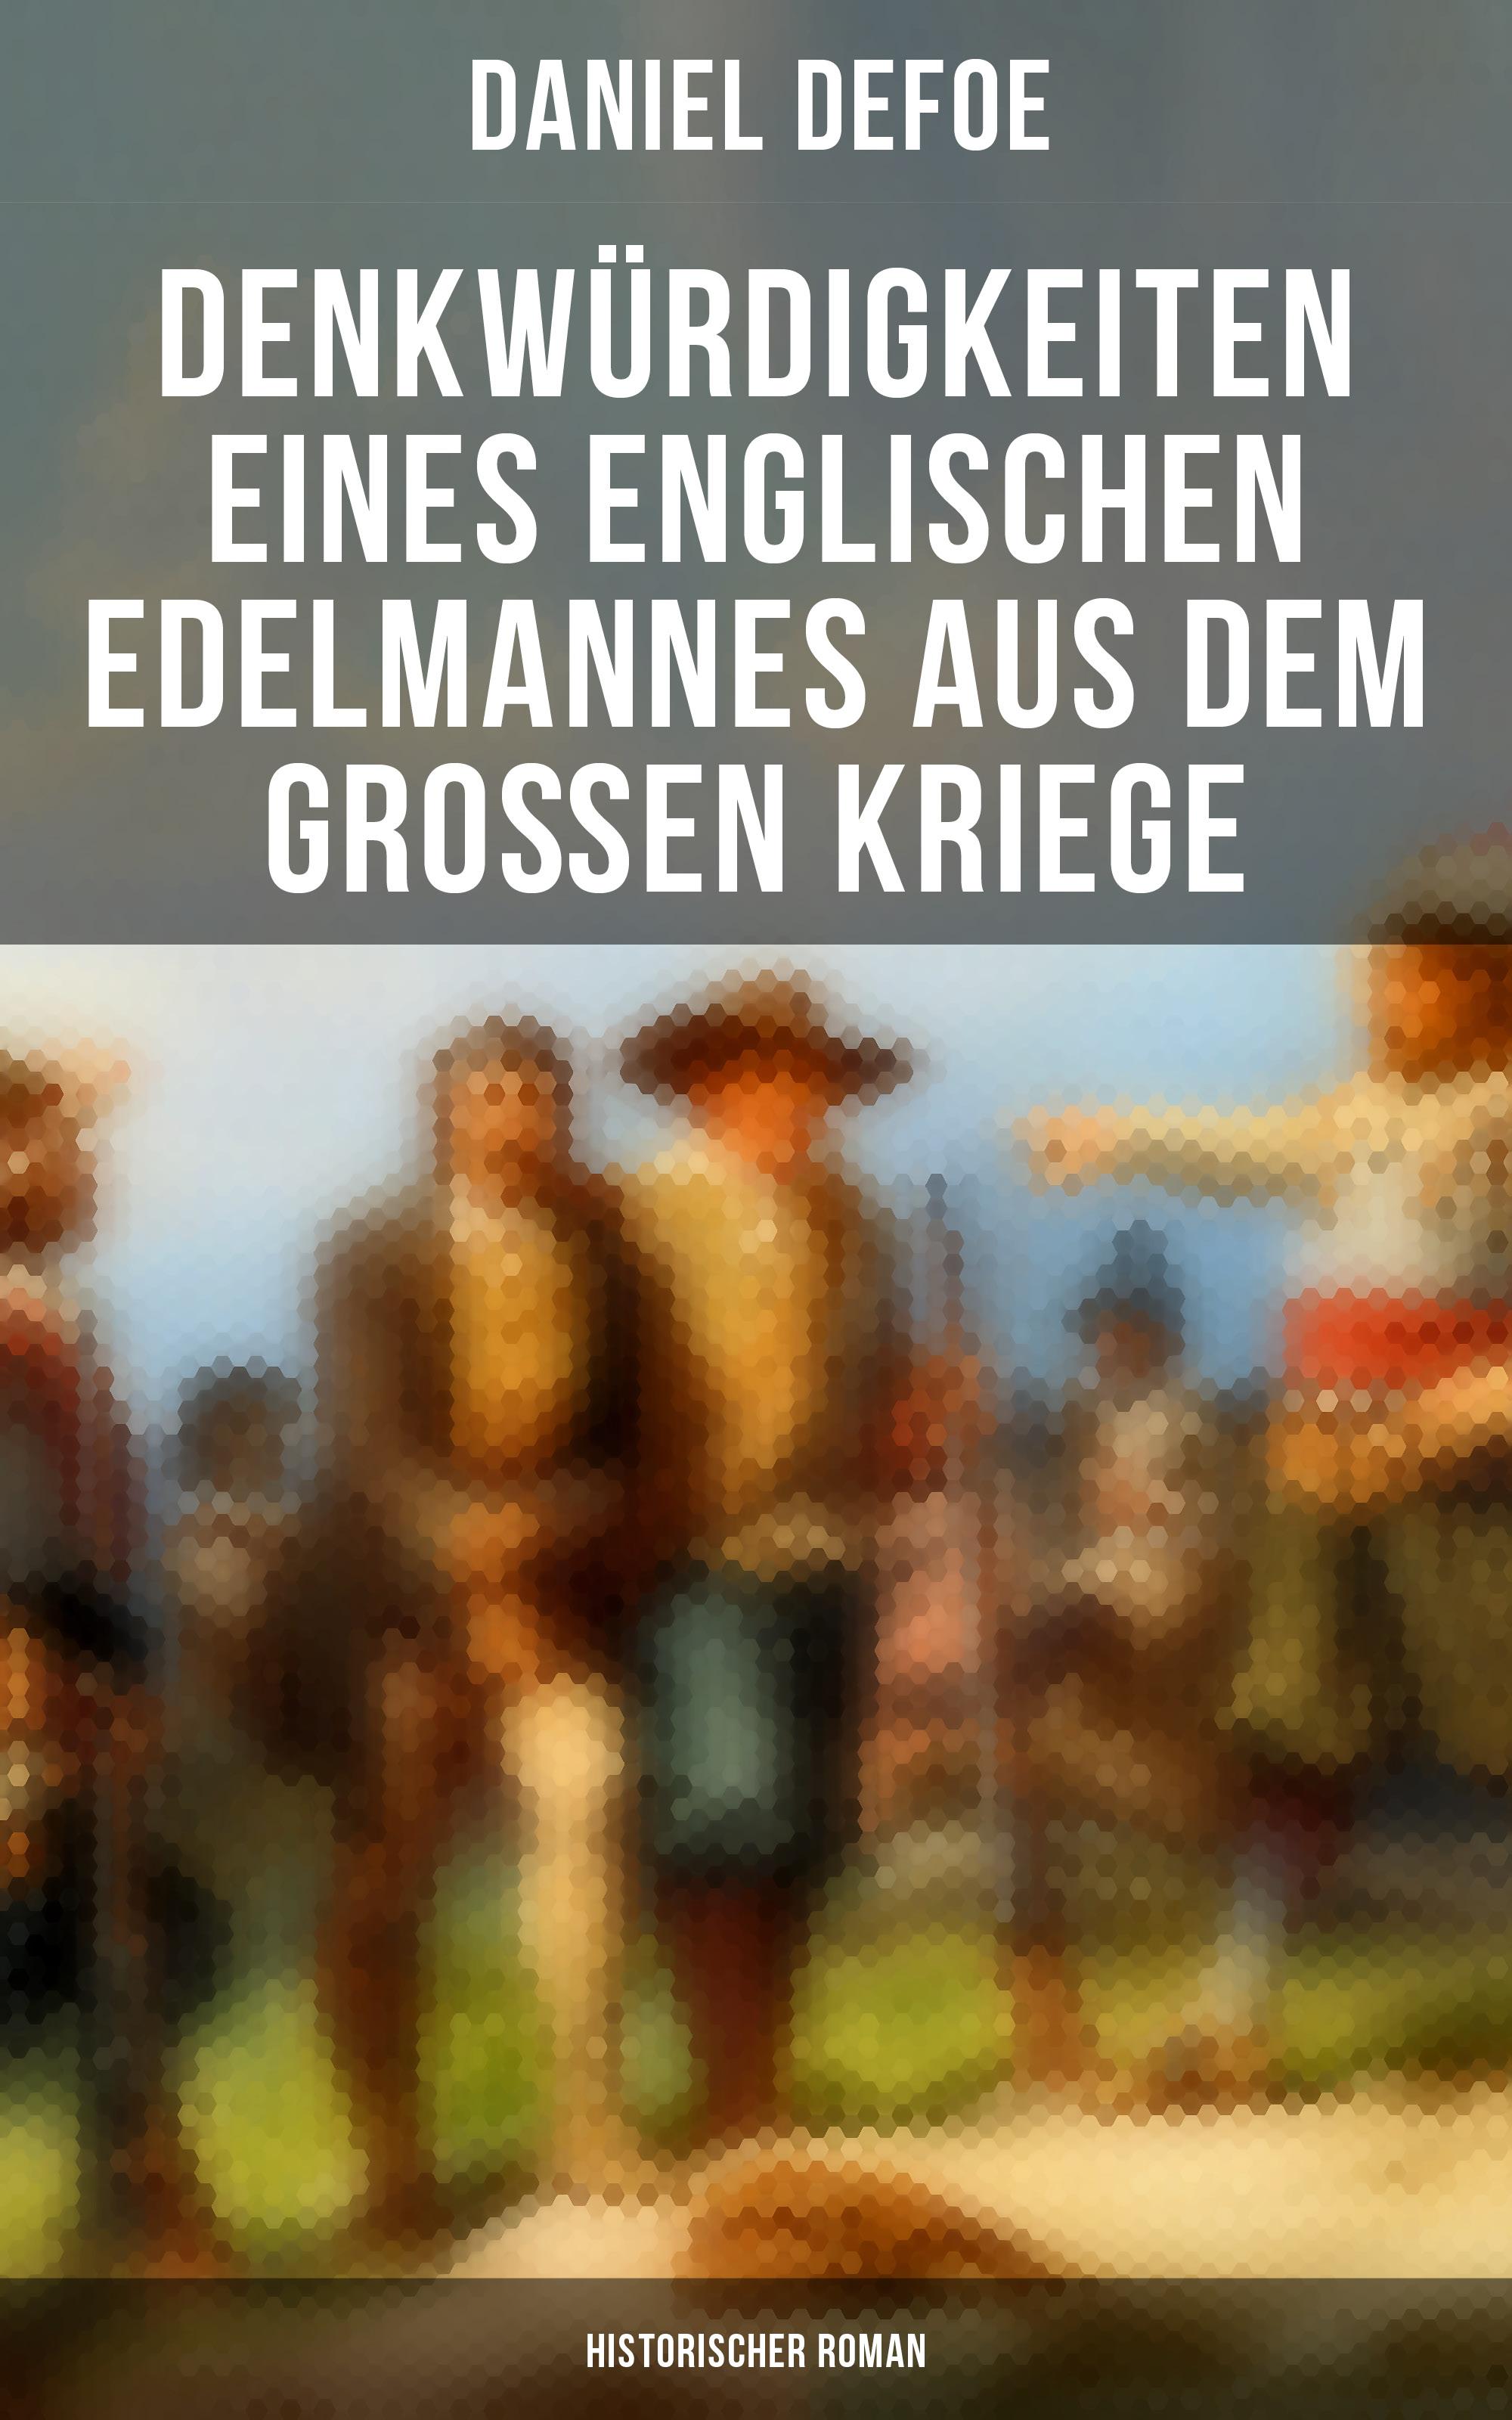 denkwurdigkeiten eines englischen edelmannes aus dem grossen kriege historischer roman